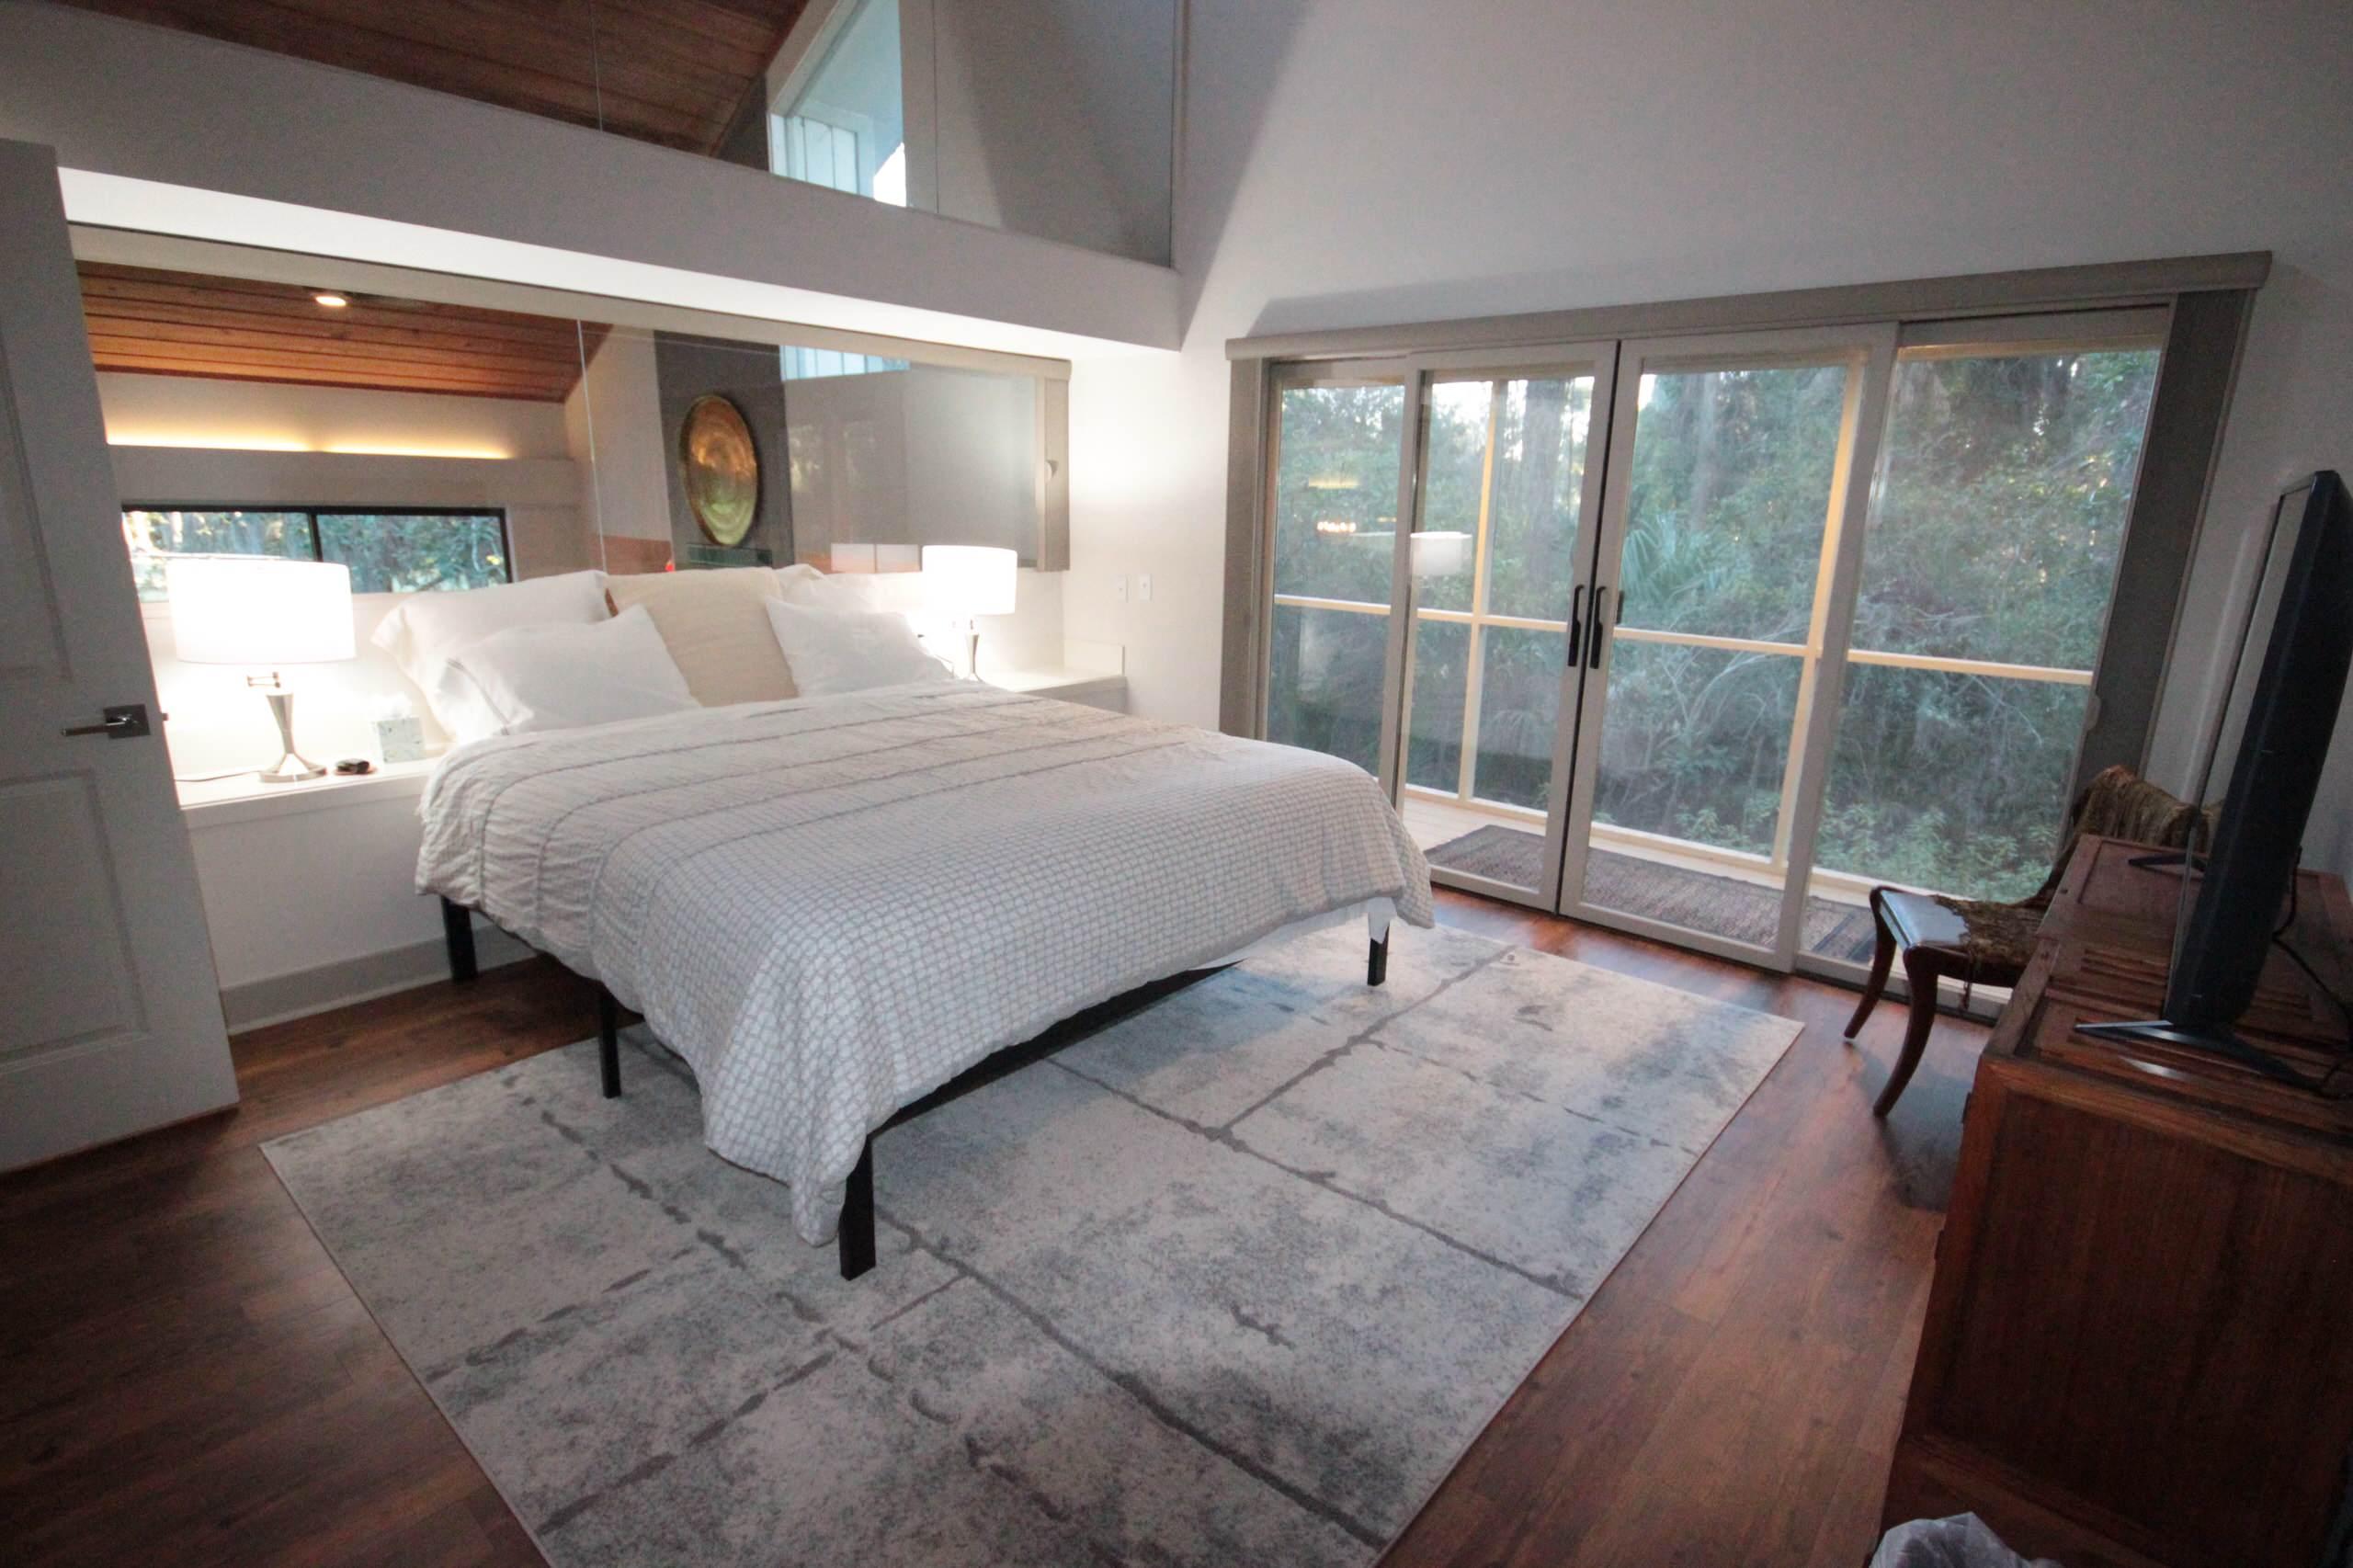 Remodeled Former Master Bedroom